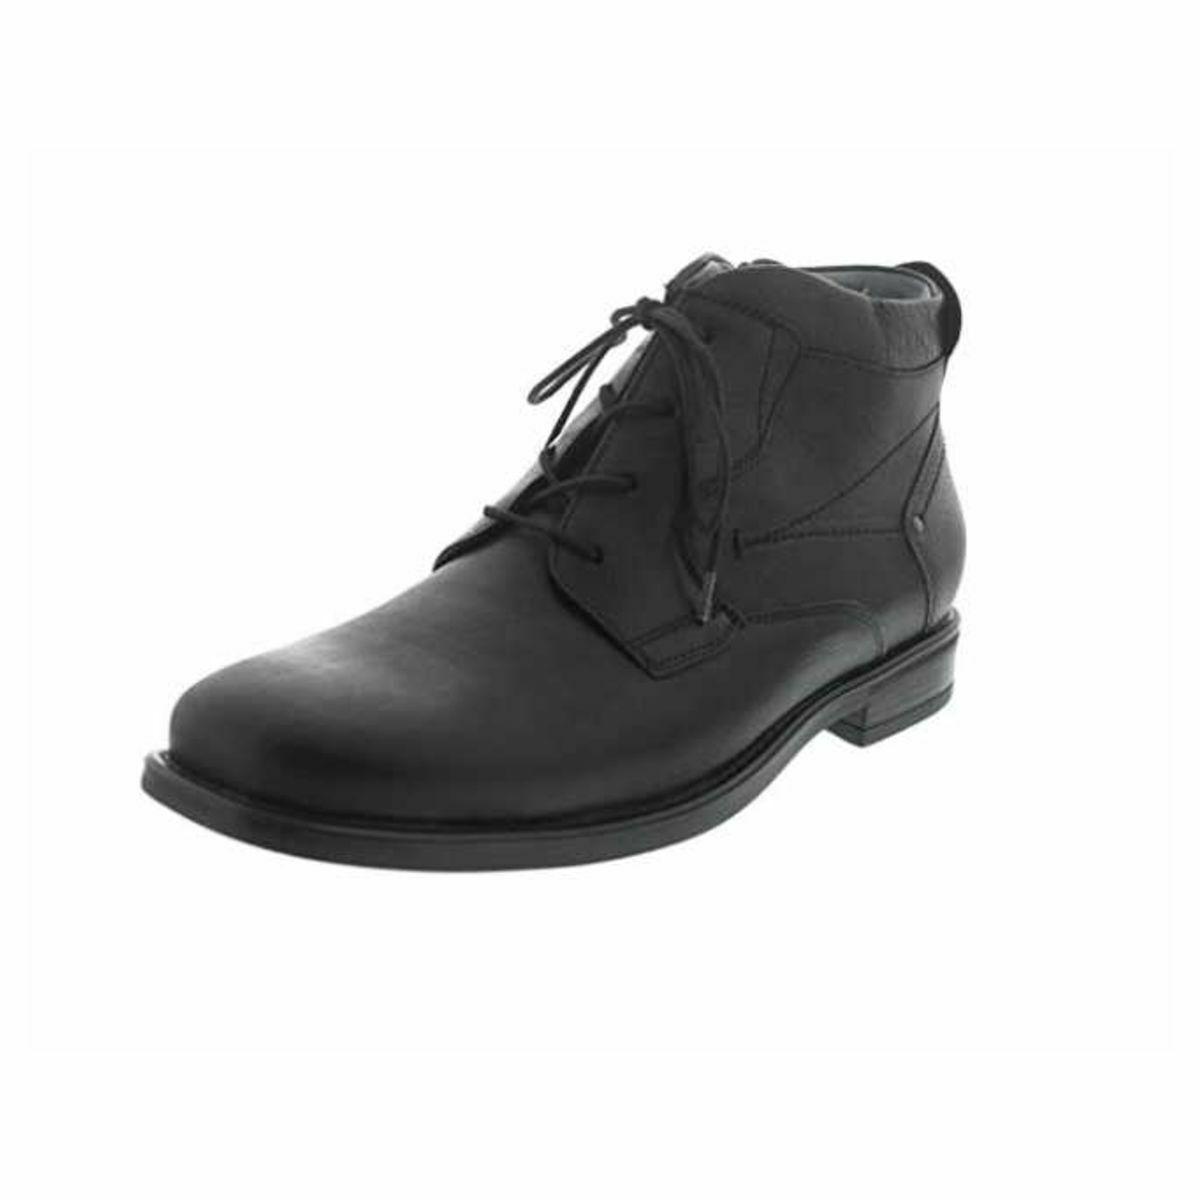 Waldläufer Stiefel Schwarz NEU & OVP 117830